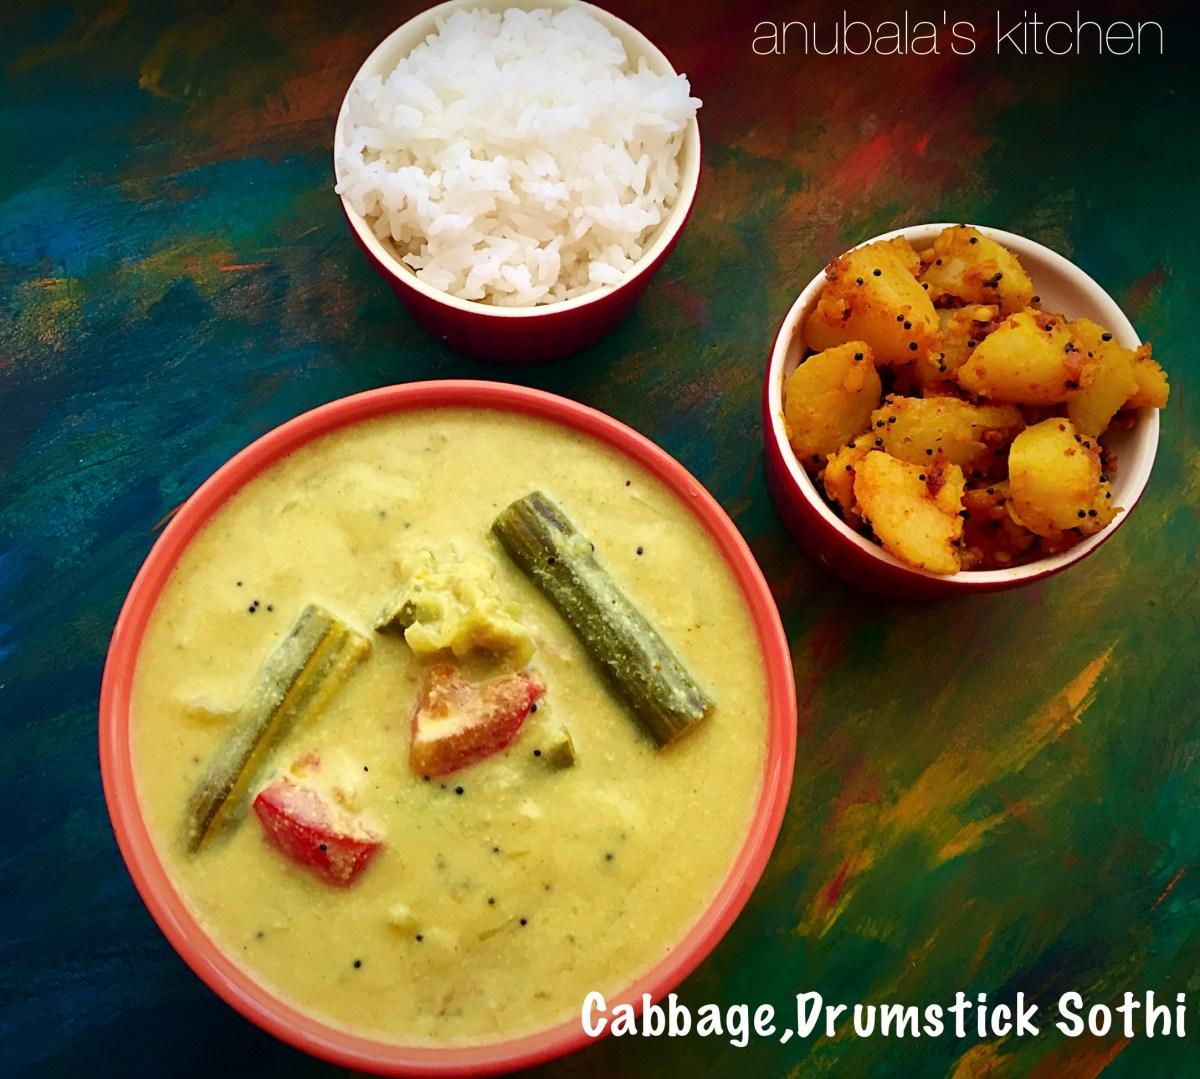 Cabbage, Drumstick Sothi